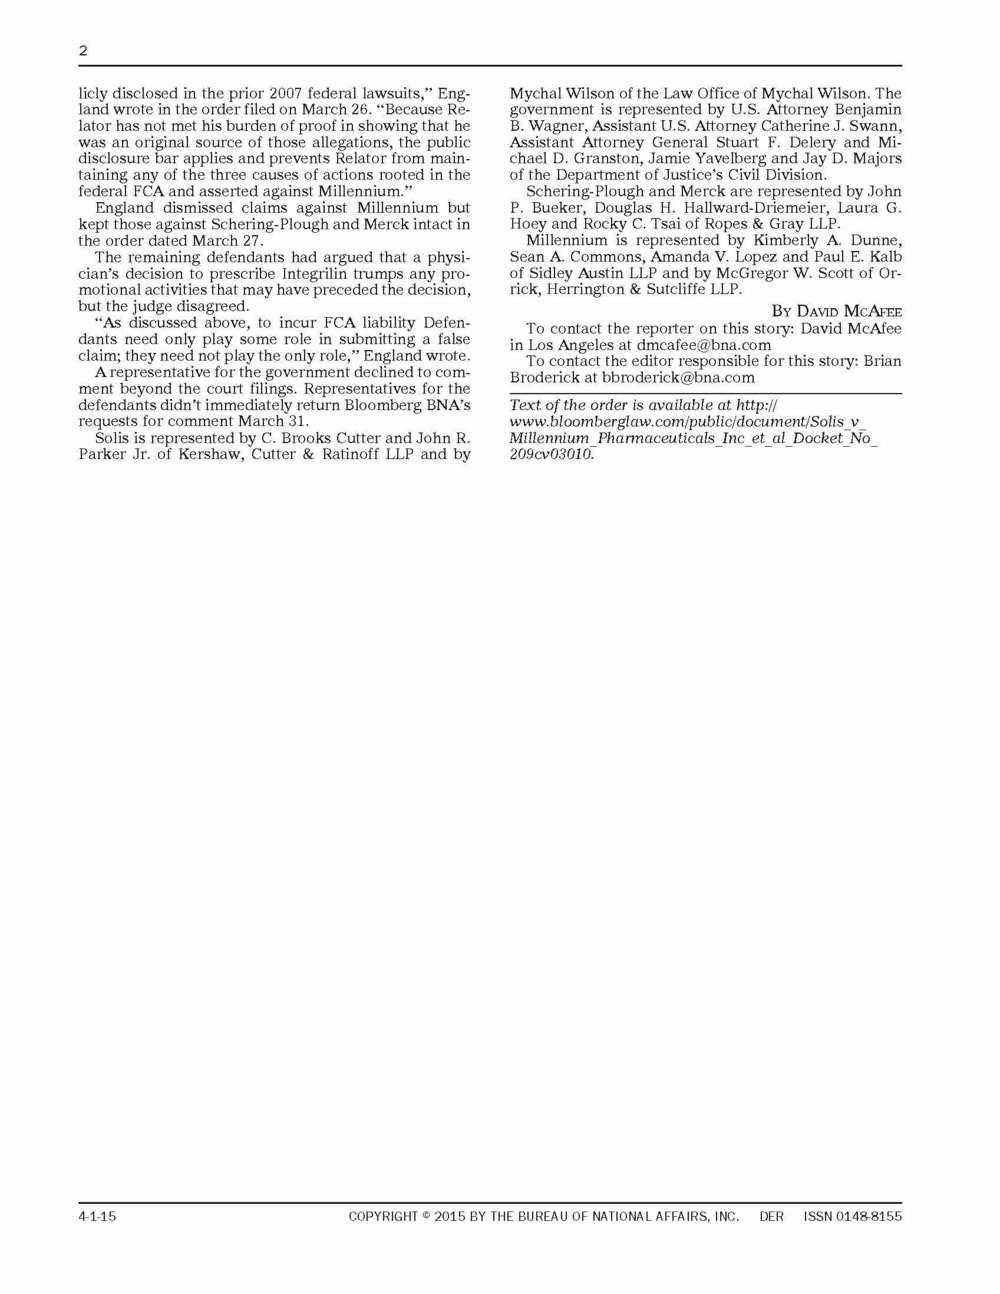 Merck_Page_2.jpg